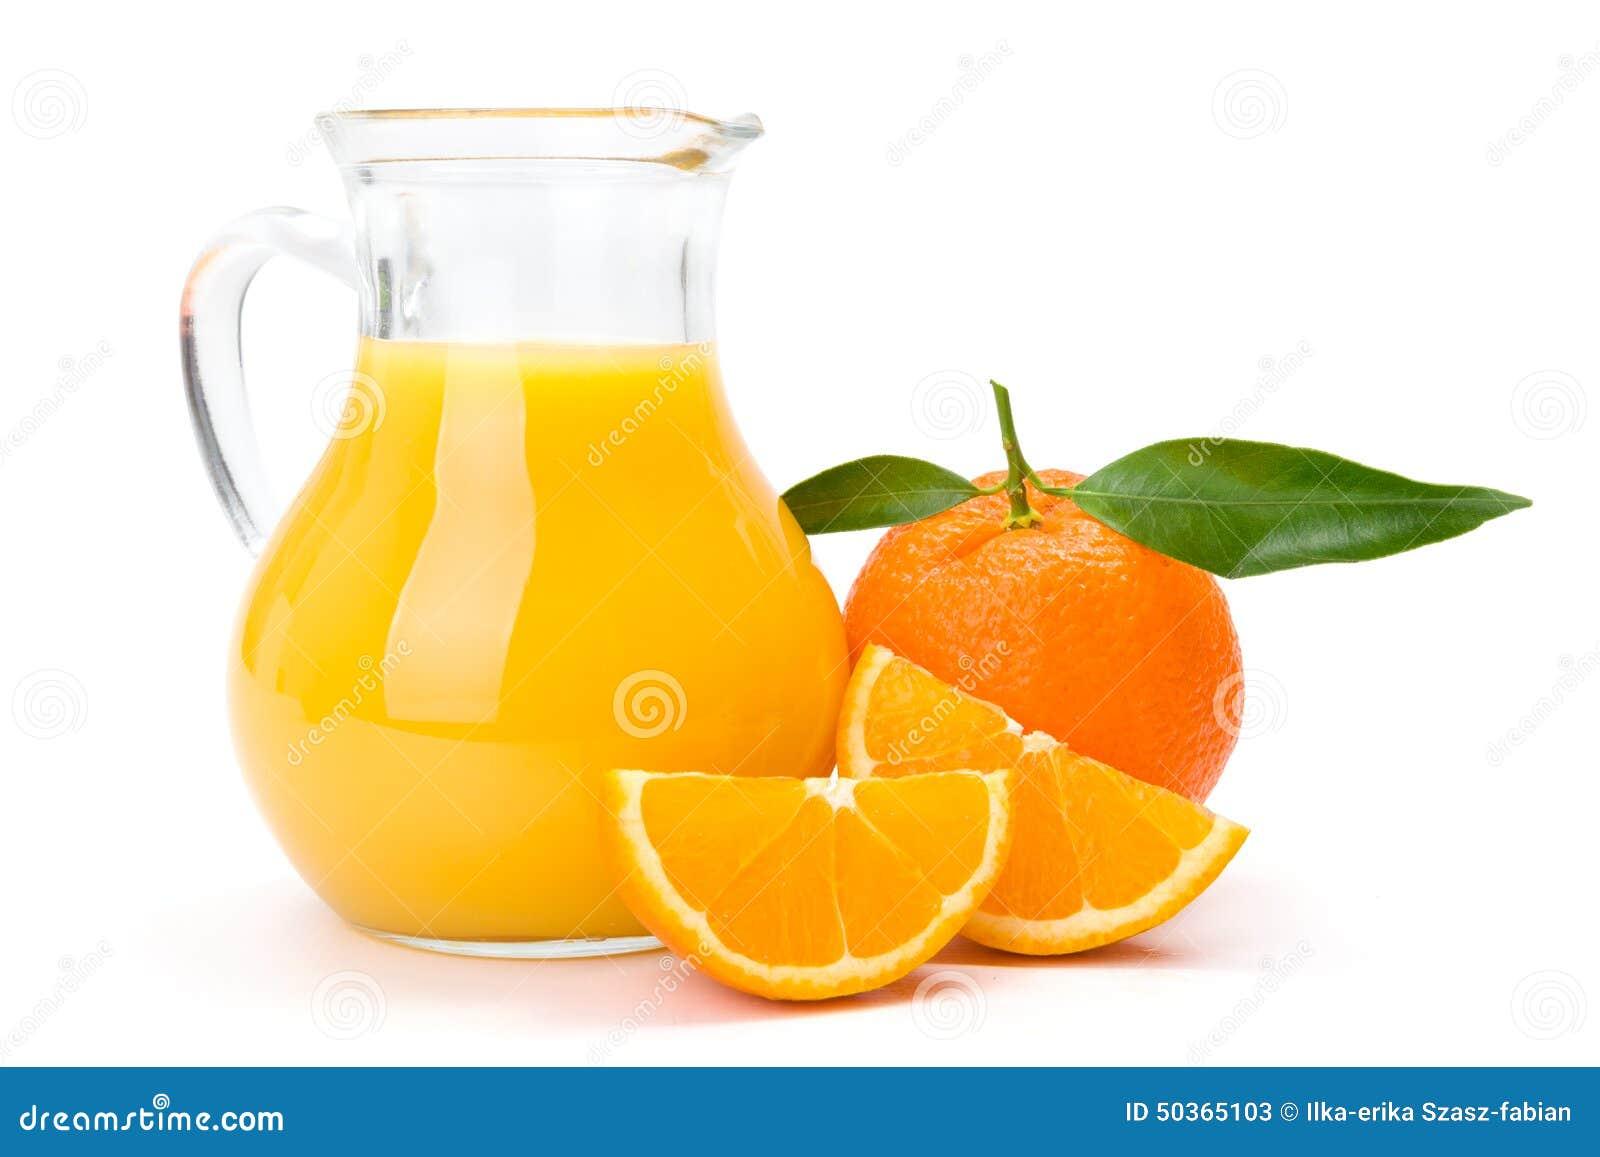 橙色果子和水罐汁液